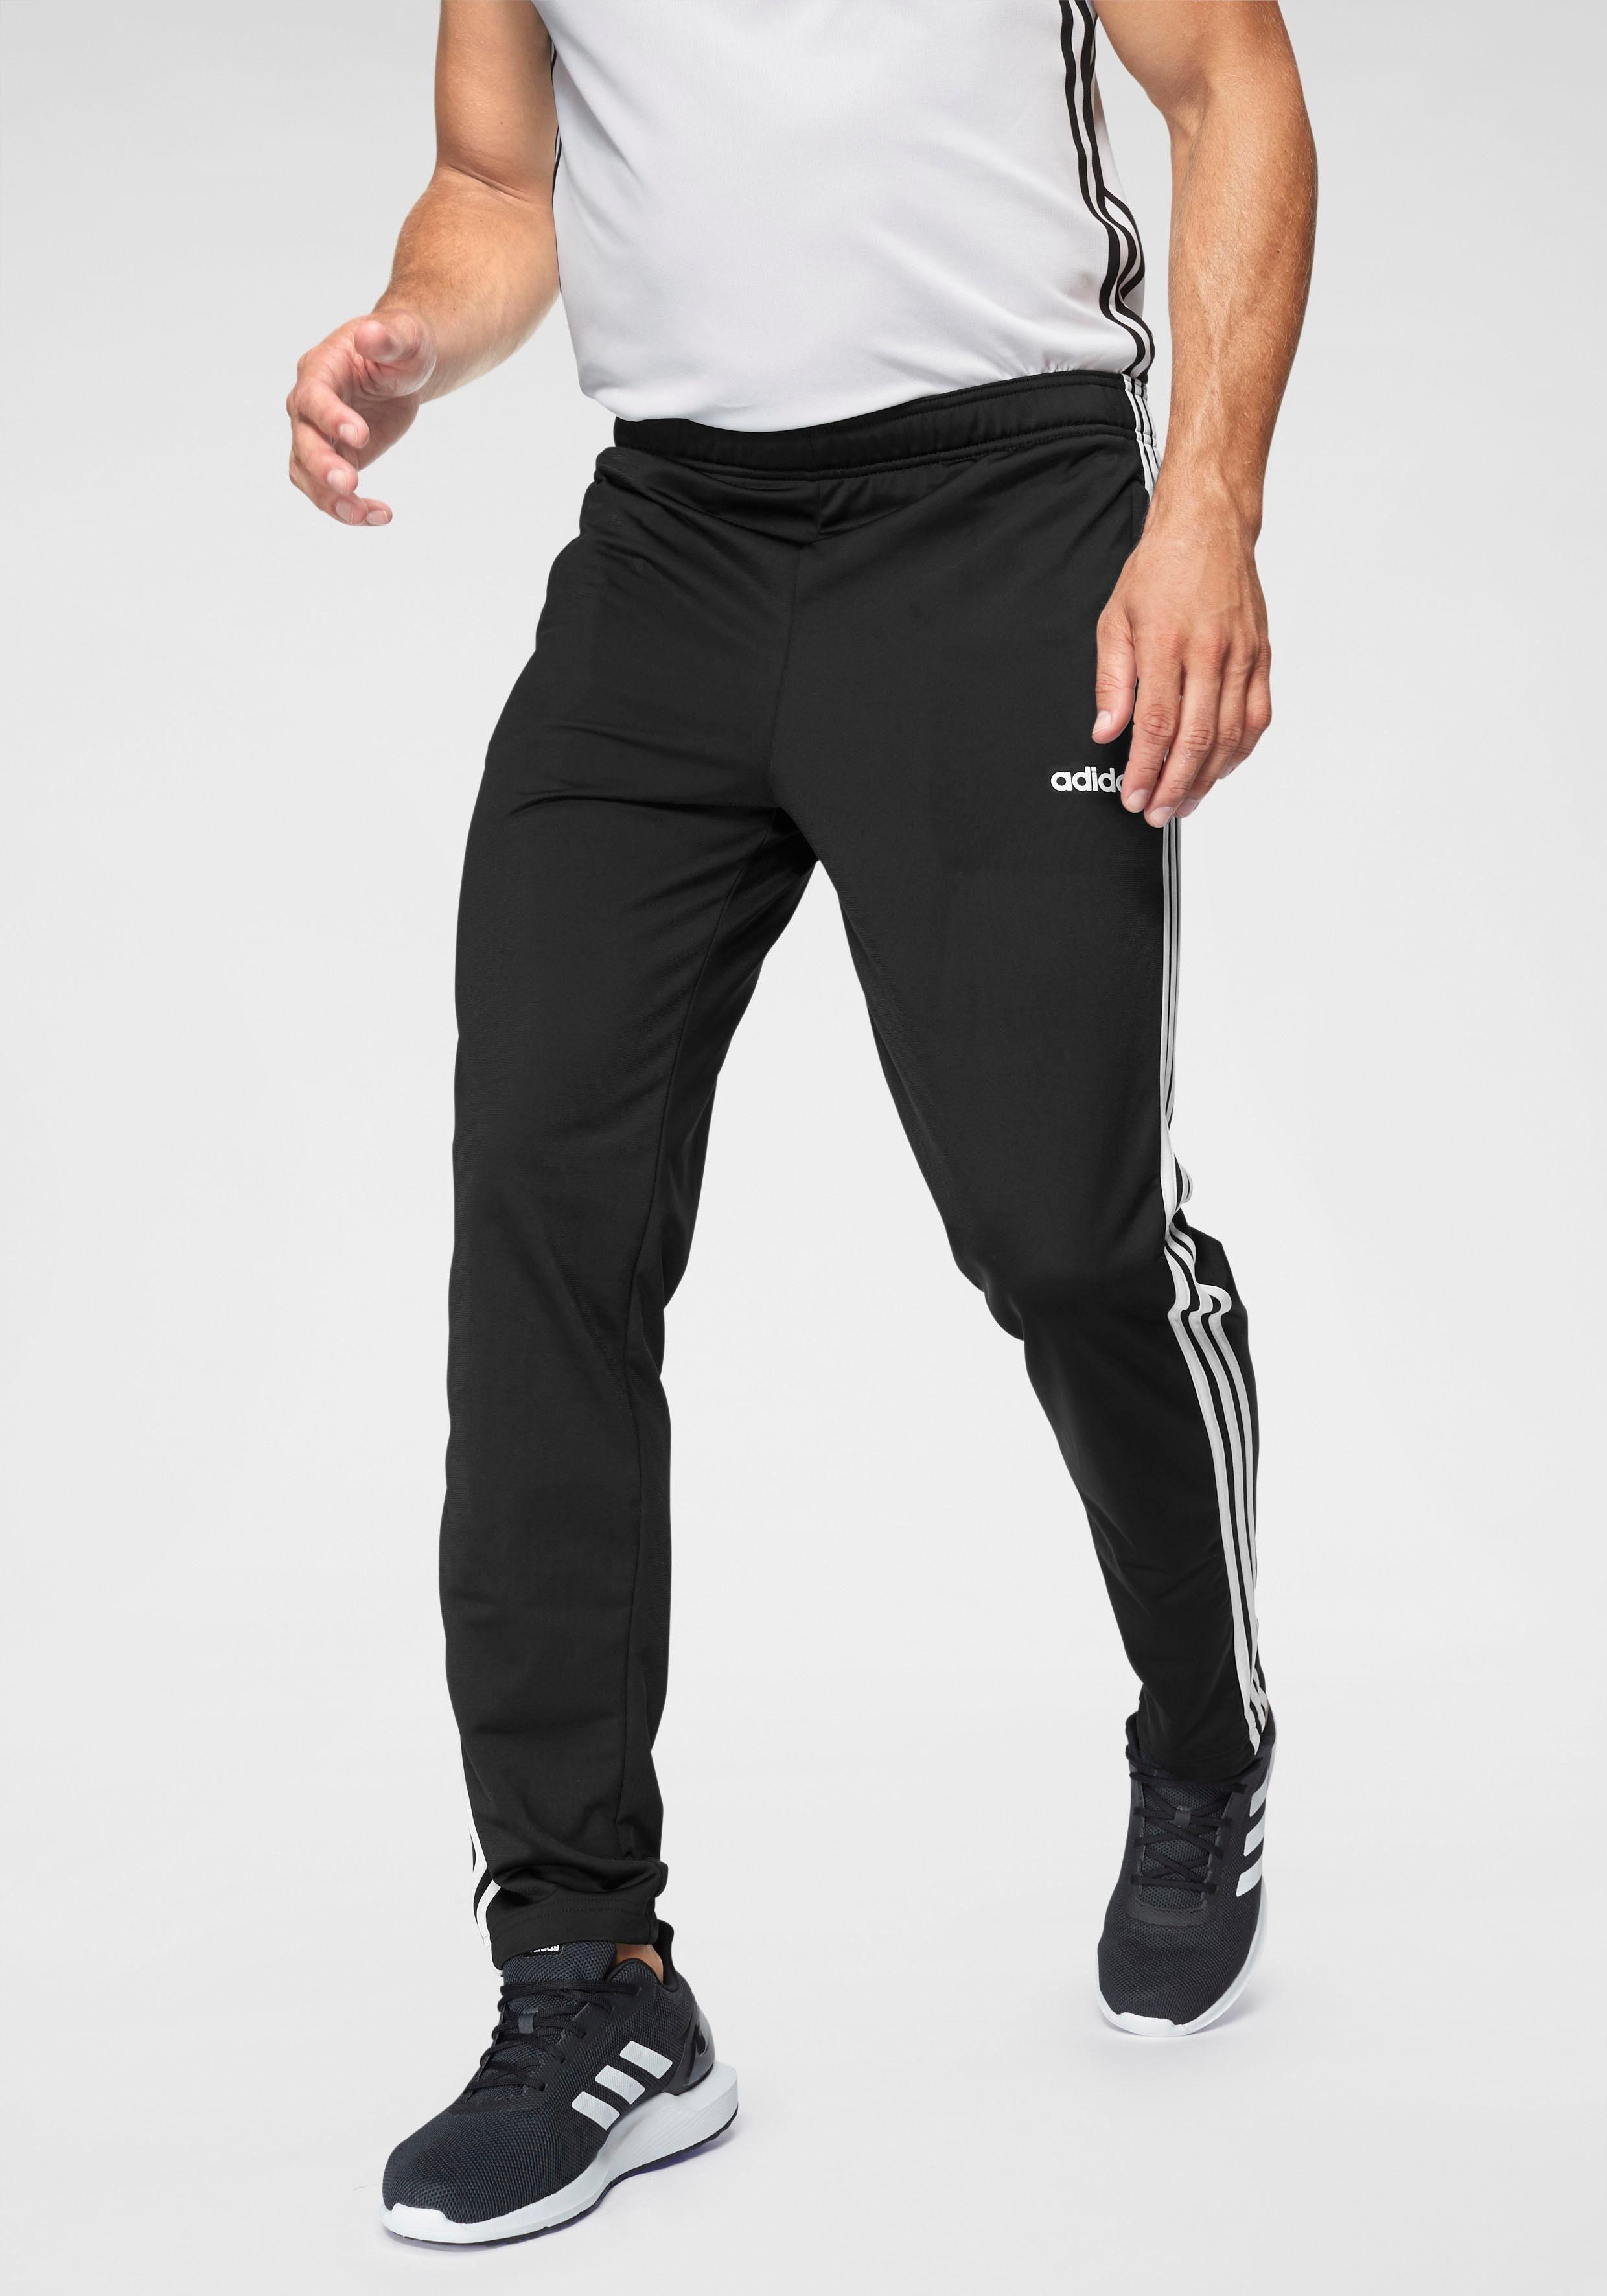 adidas trainingshose herren climacool fussball sporthose